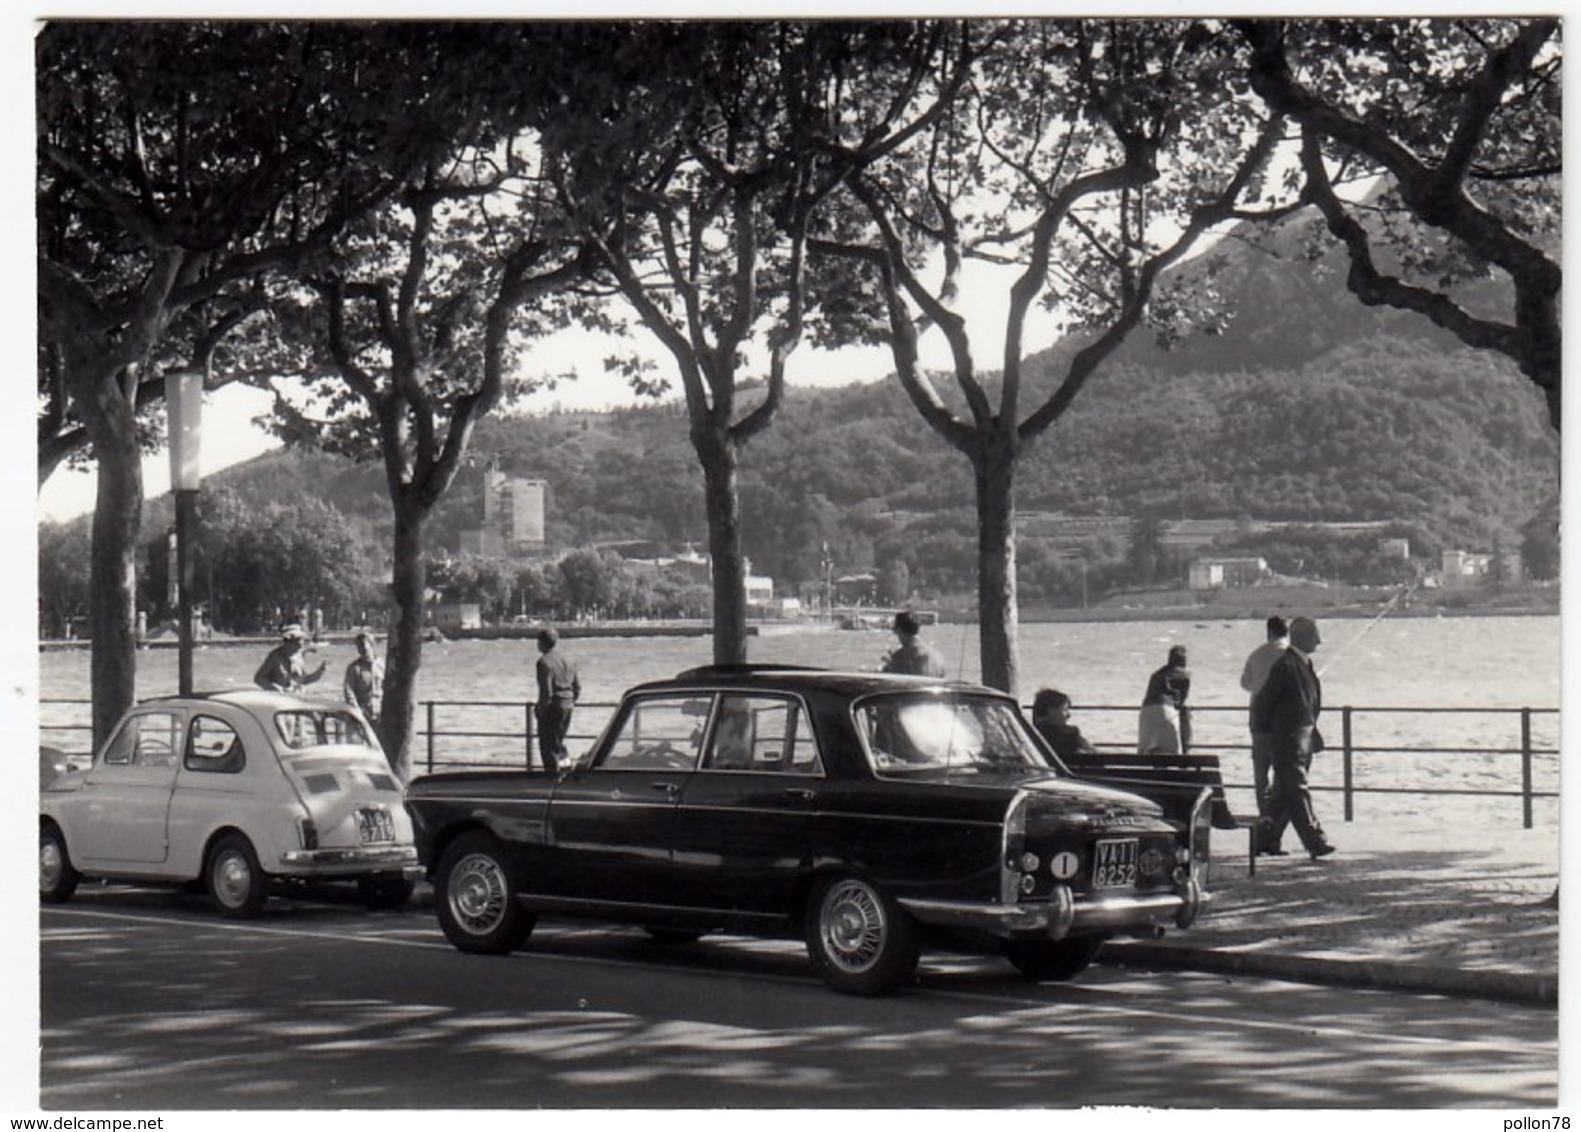 FOTOGRAFIA - AUTOMOBILI - CARS - LECCO - 1965 - Vedi Retro - Automobili